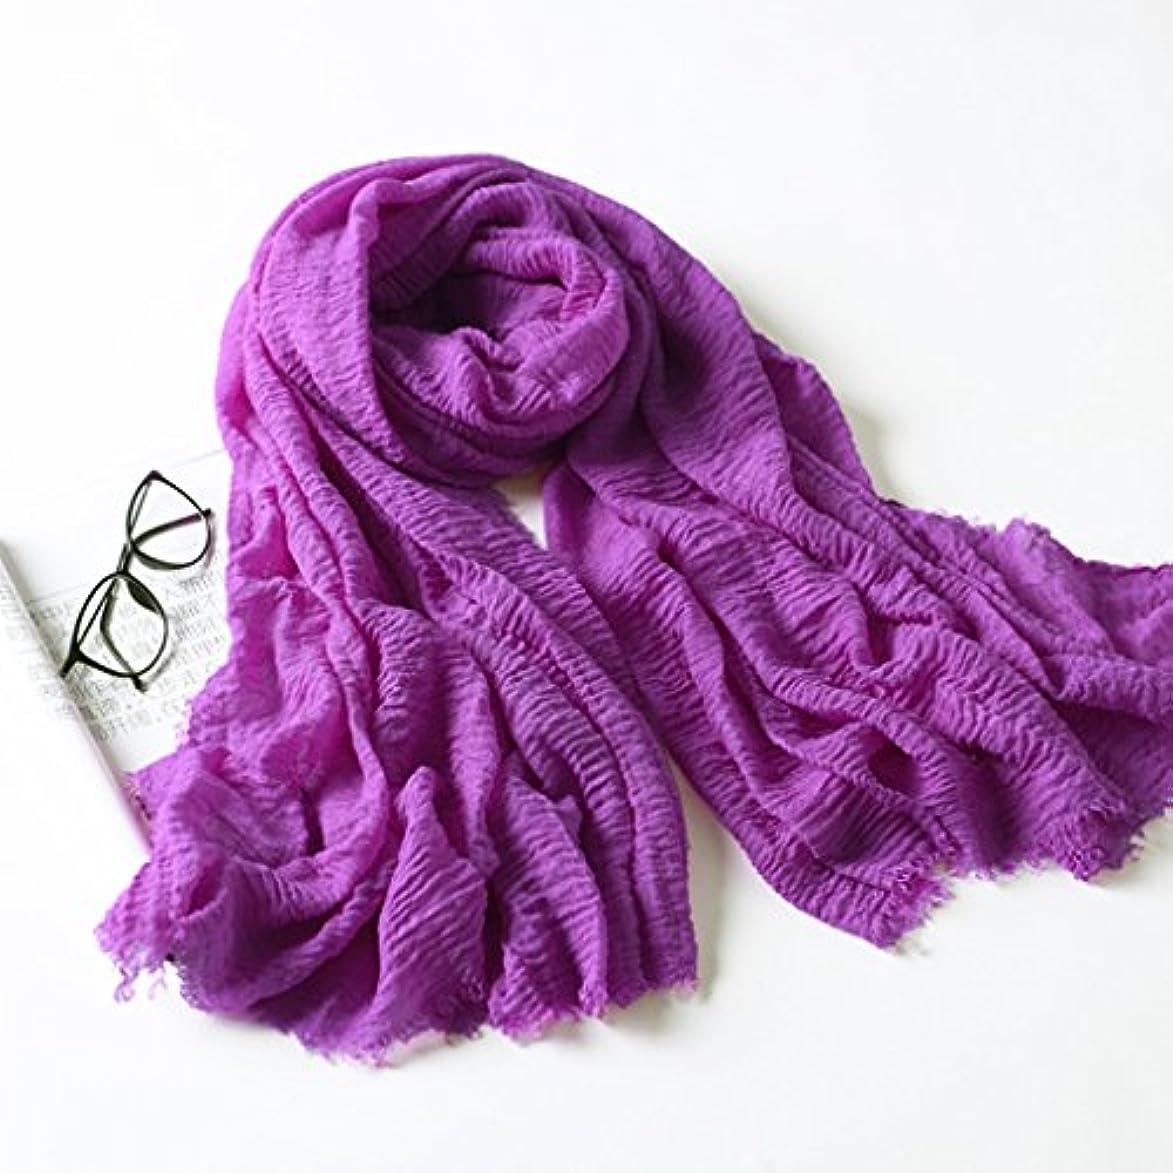 入場言い訳労働者日焼け止め/ショールビーチタオル/多機能ロングスカーフ39.4 * 78.7インチ紫色の四季折々の普遍的な (Color : Purple)